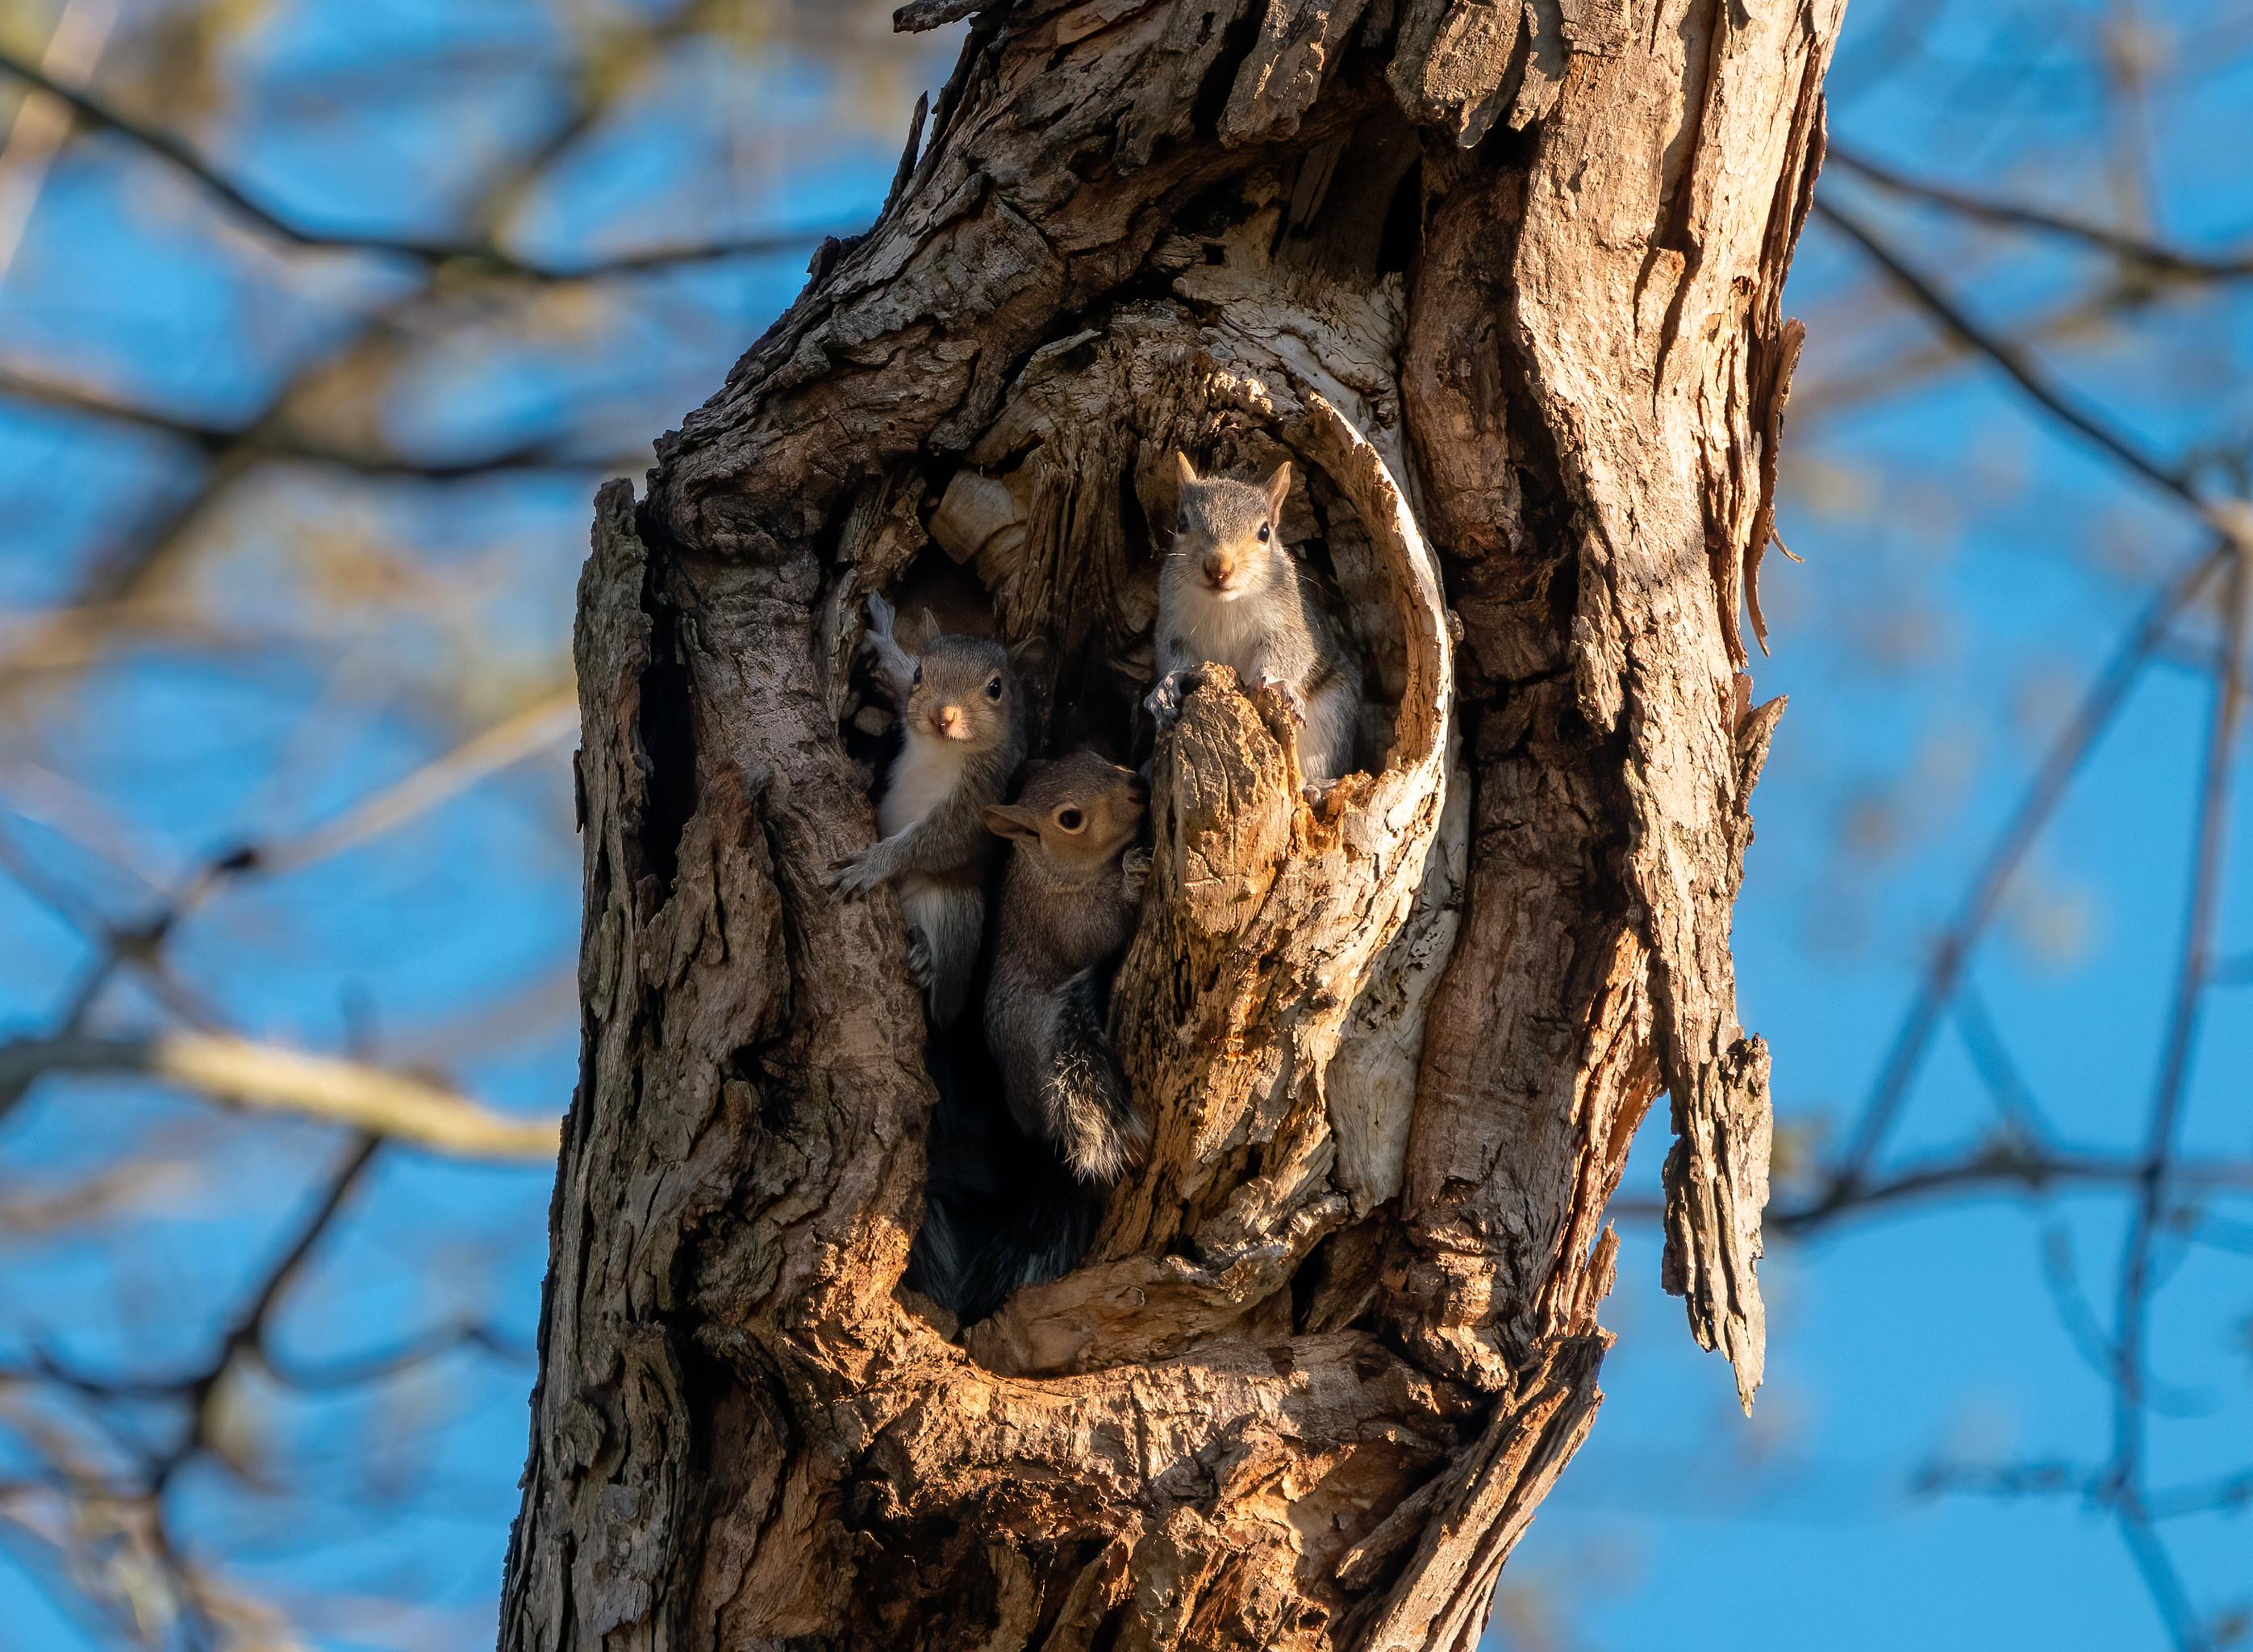 137833 Hintergrundbild herunterladen Tiere, Eichhörnchen, Nagetiere, Holz, Baum, Nett, Schatz, Borke, Bellen, Hohl, Hohlen - Bildschirmschoner und Bilder kostenlos